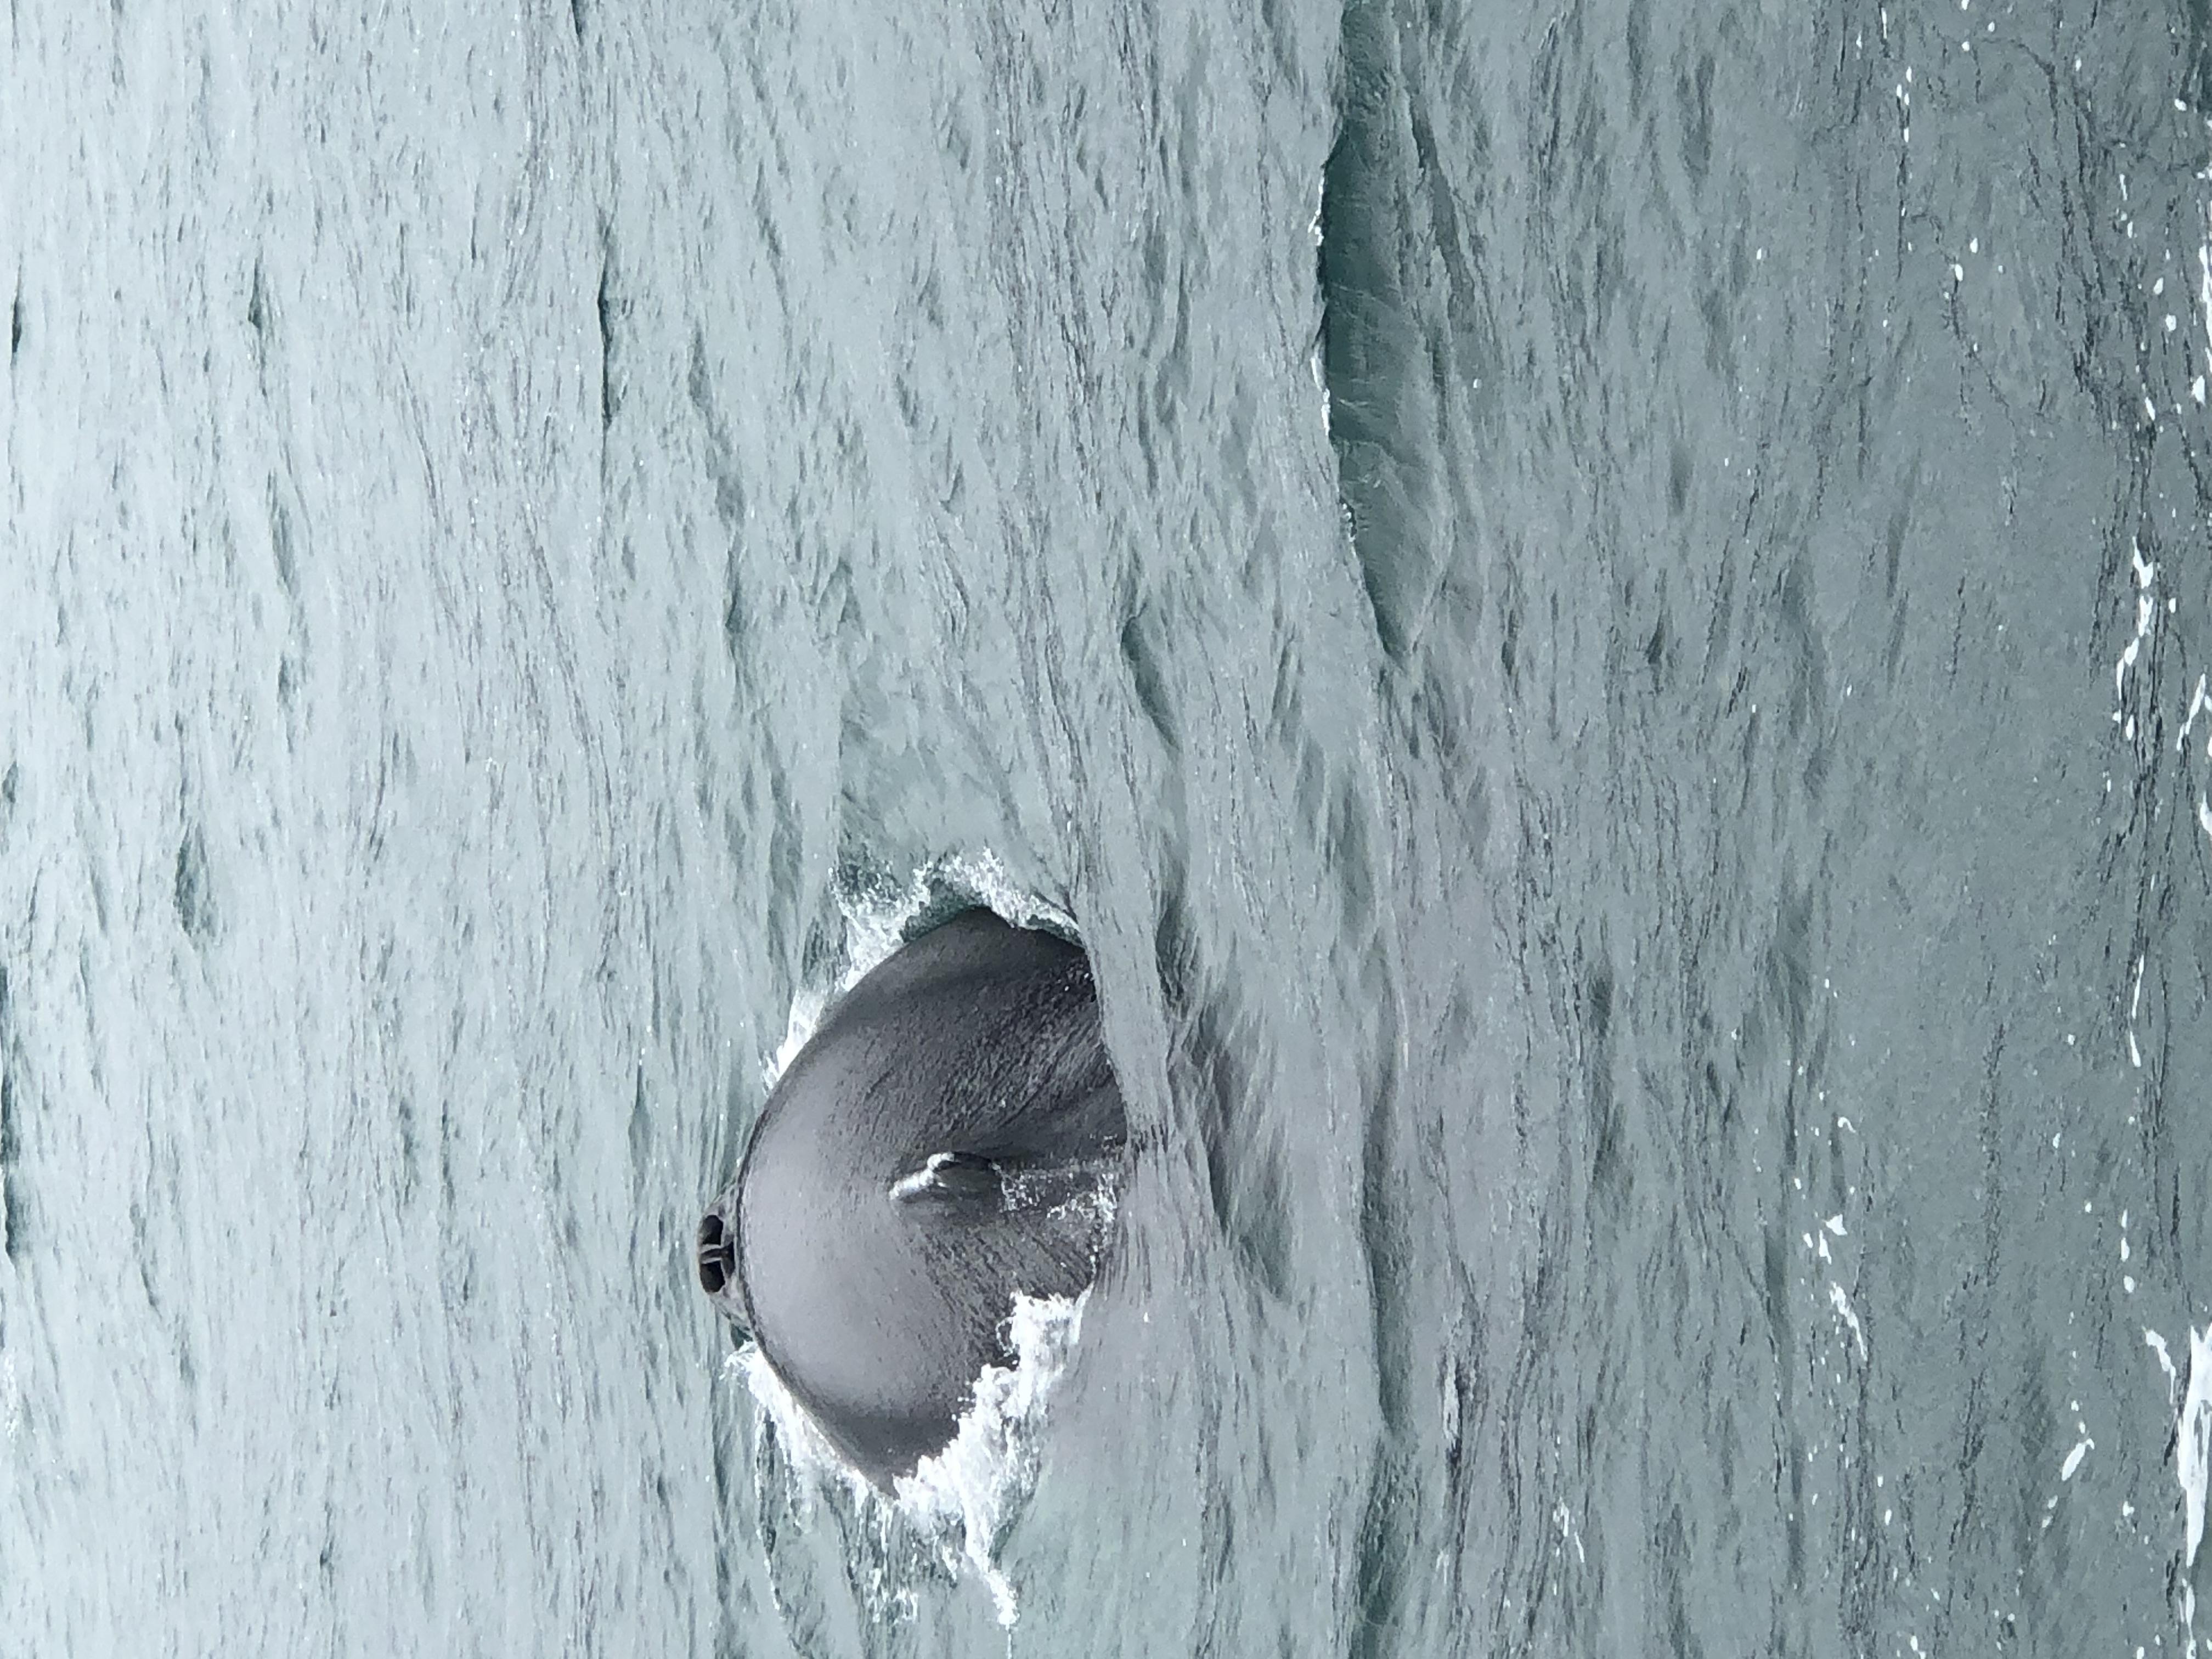 baleine hirsey